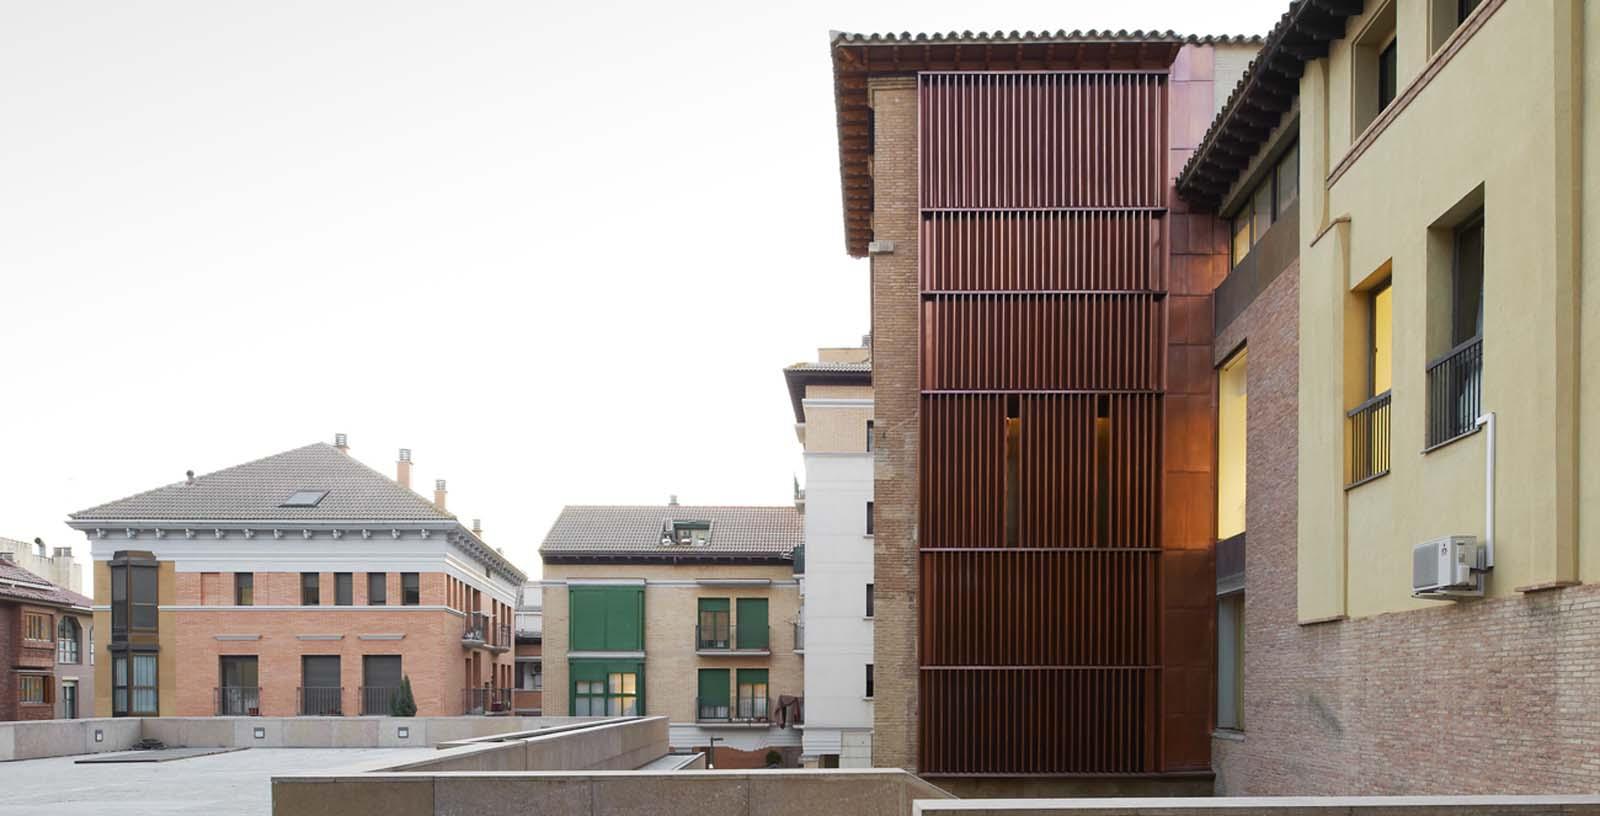 Huesca_City_Archives_01_Architecture_IDOM_photos_I_aki_Bergera